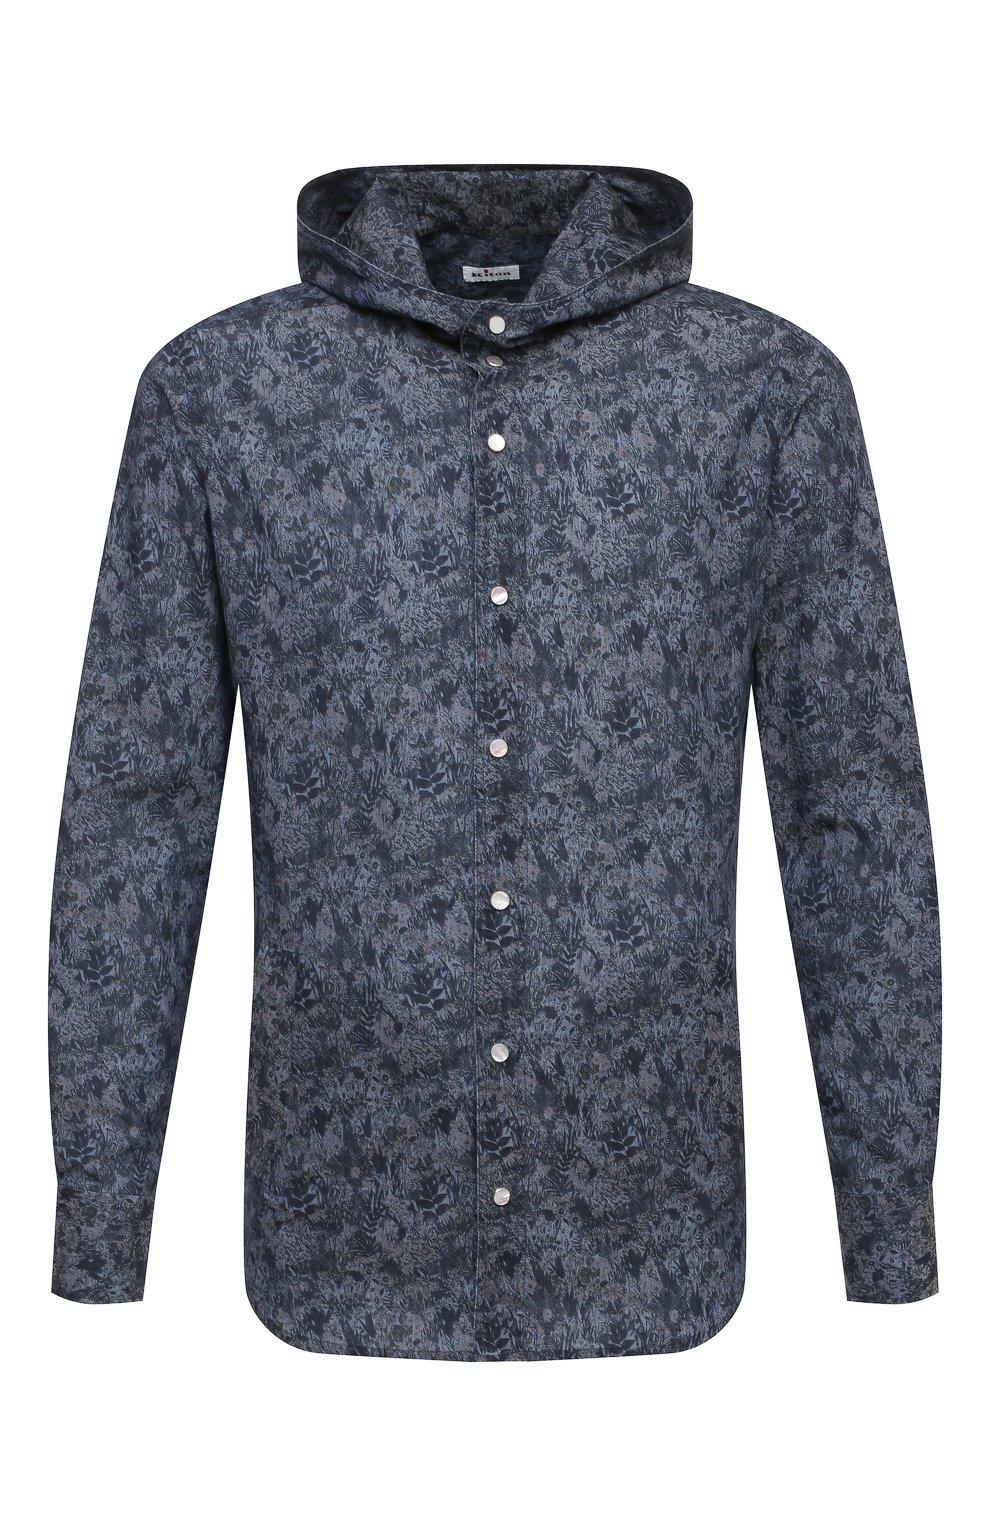 Мужская хлопковая рубашка KITON темно-синего цвета, арт. UMCMARH0767305 | Фото 1 (Воротник: С капюшоном; Рукава: Длинные; Рубашки М: Regular Fit; Манжеты: На кнопках; Случай: Повседневный; Длина (для топов): Стандартные; Принт: С принтом; Материал внешний: Хлопок; Стили: Кэжуэл)